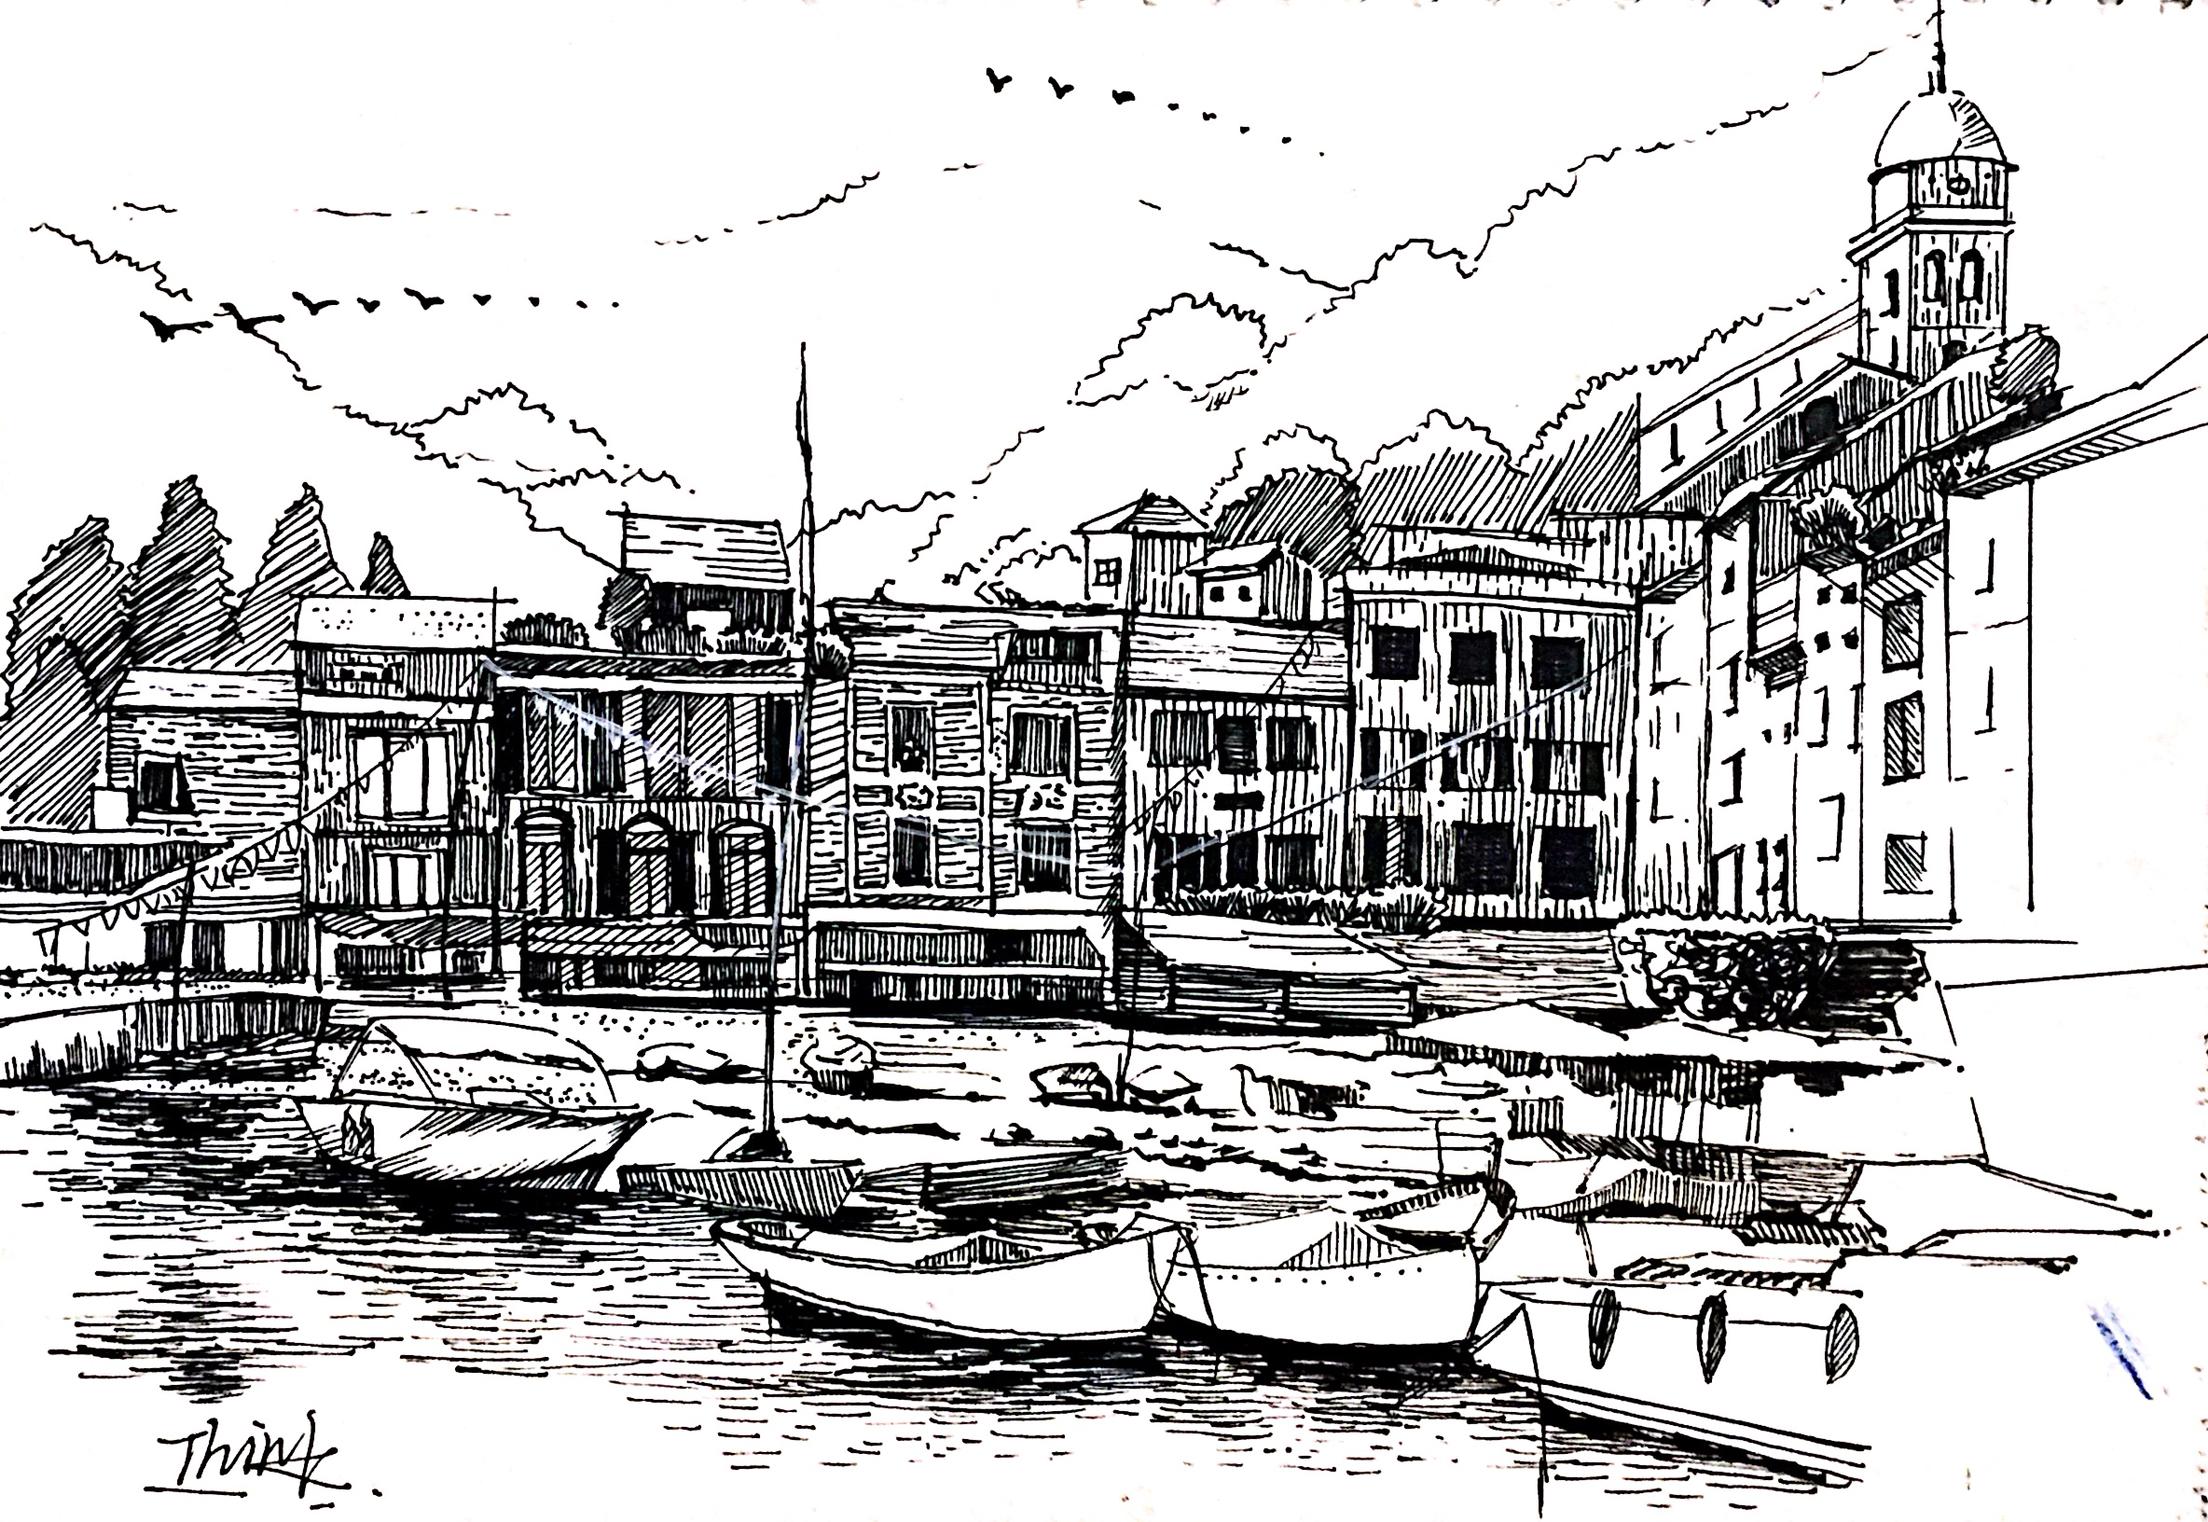 钢笔画建筑,黑白画.扫描版.